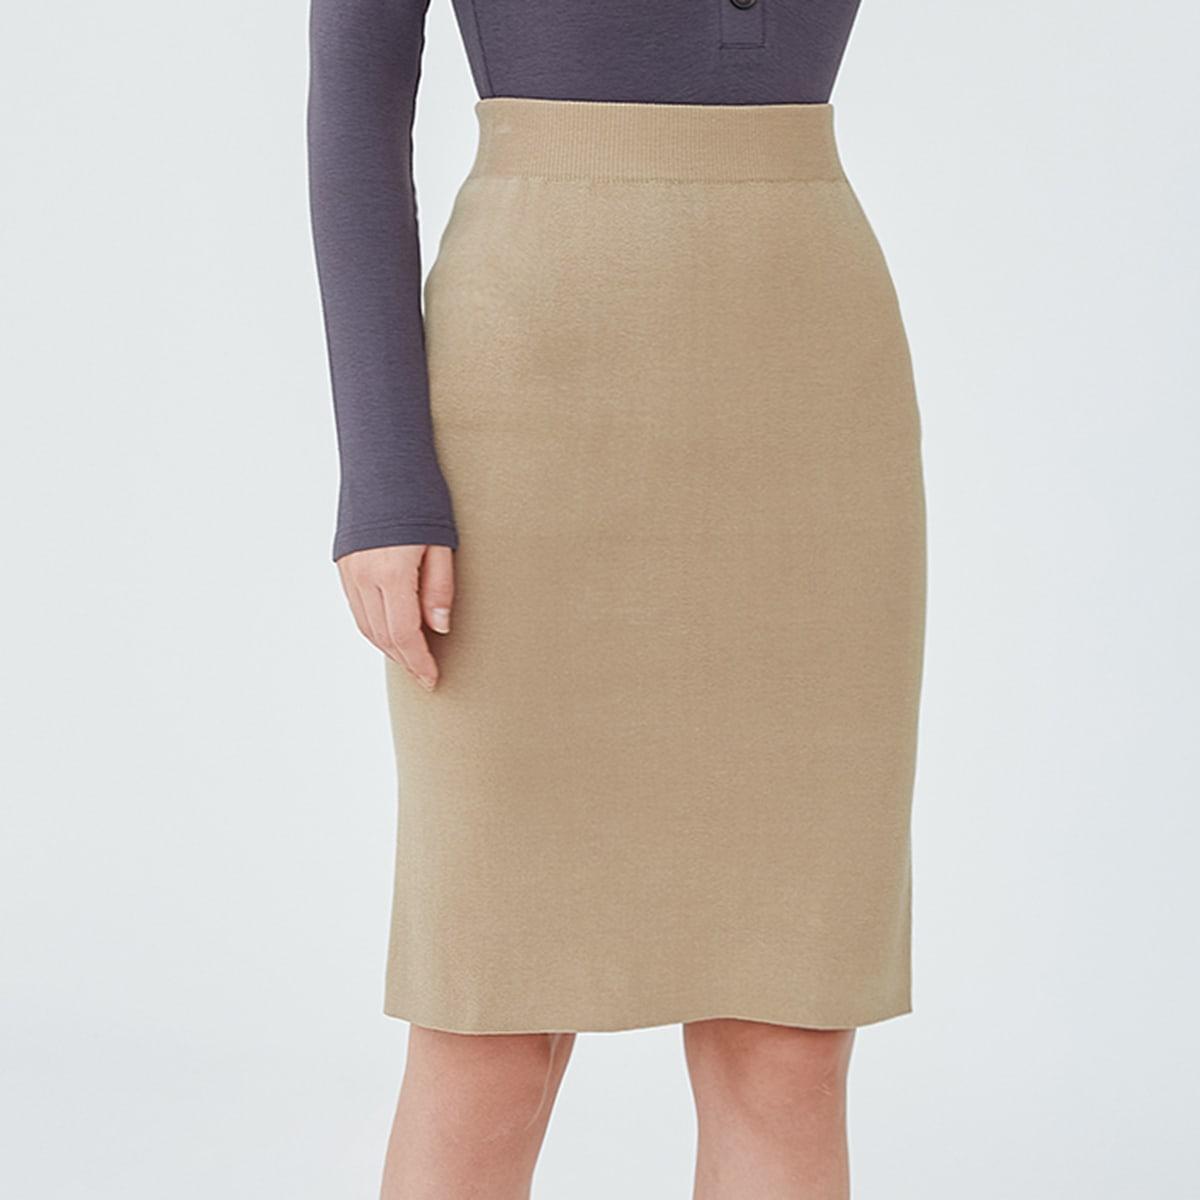 Трикотажная юбка с разрезом сзади